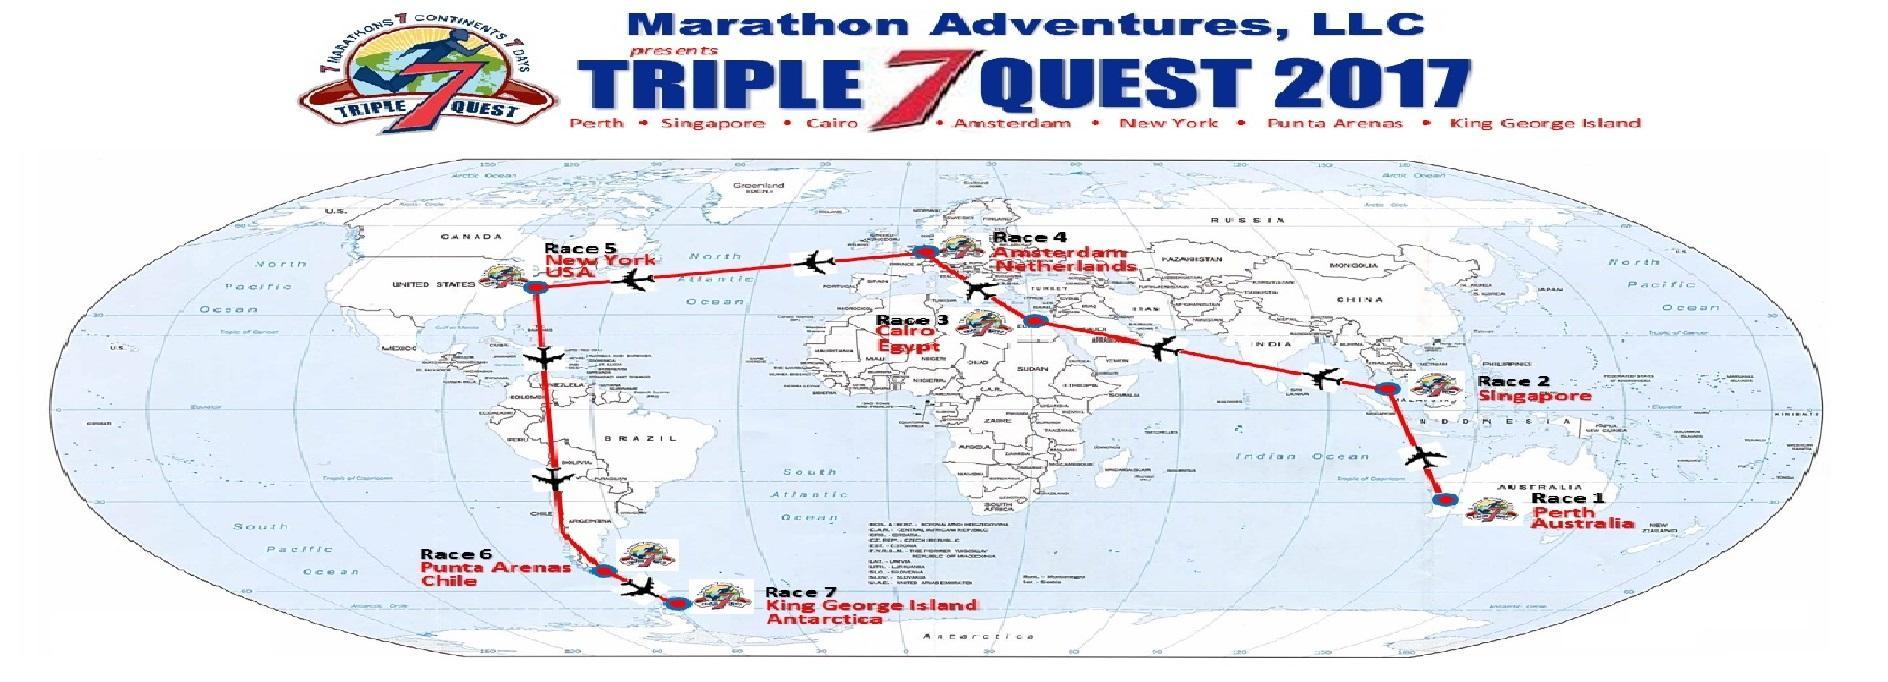 Map Of New York Marathon 2017.Western Kentucky Man Running 7 Marathons In 7 Continents In 7 Days